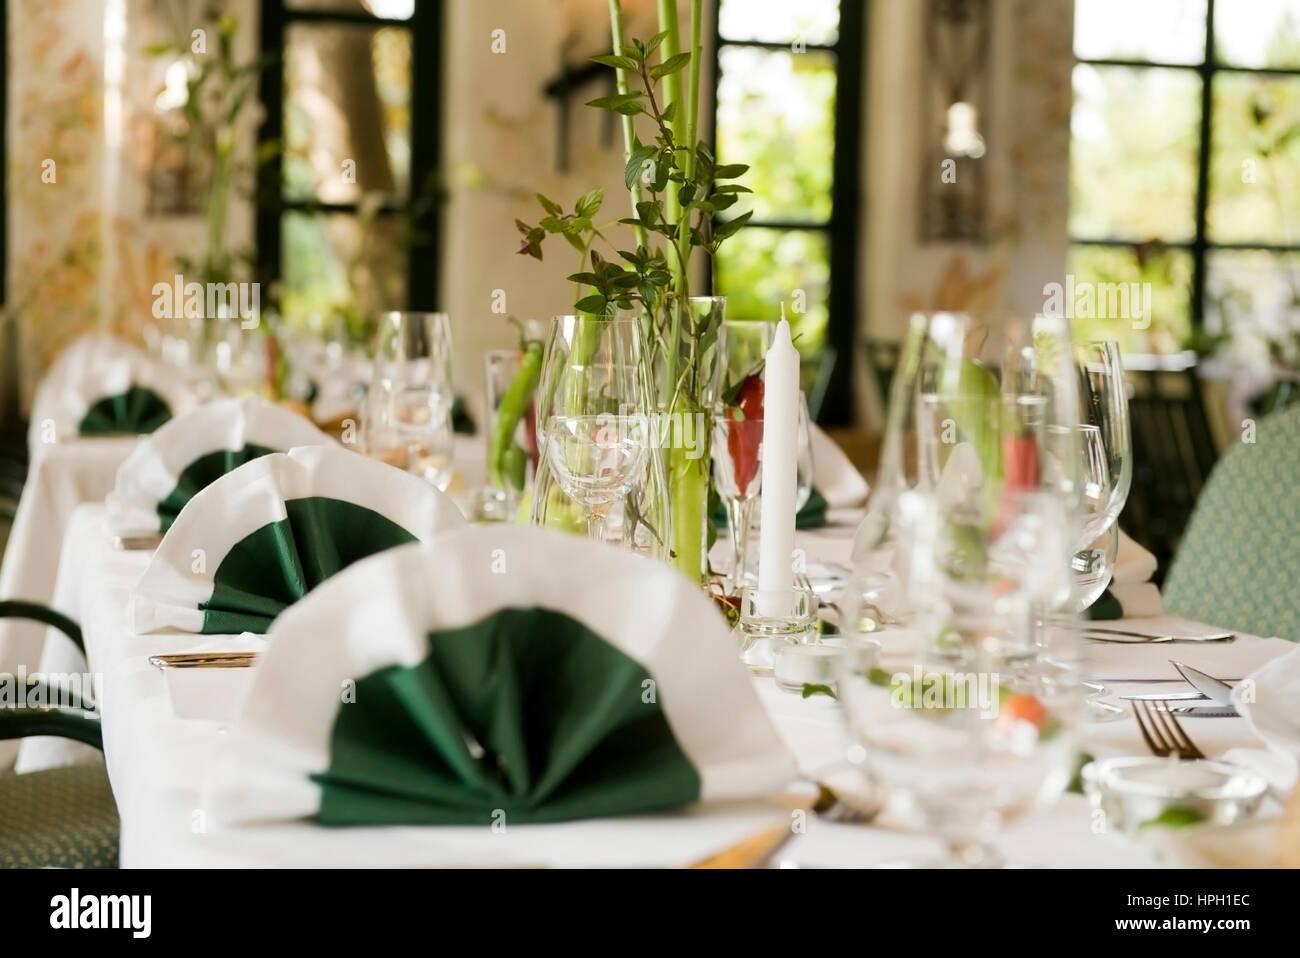 Tischdekoration Hochzeitstafel Table Decoration Stock Photo